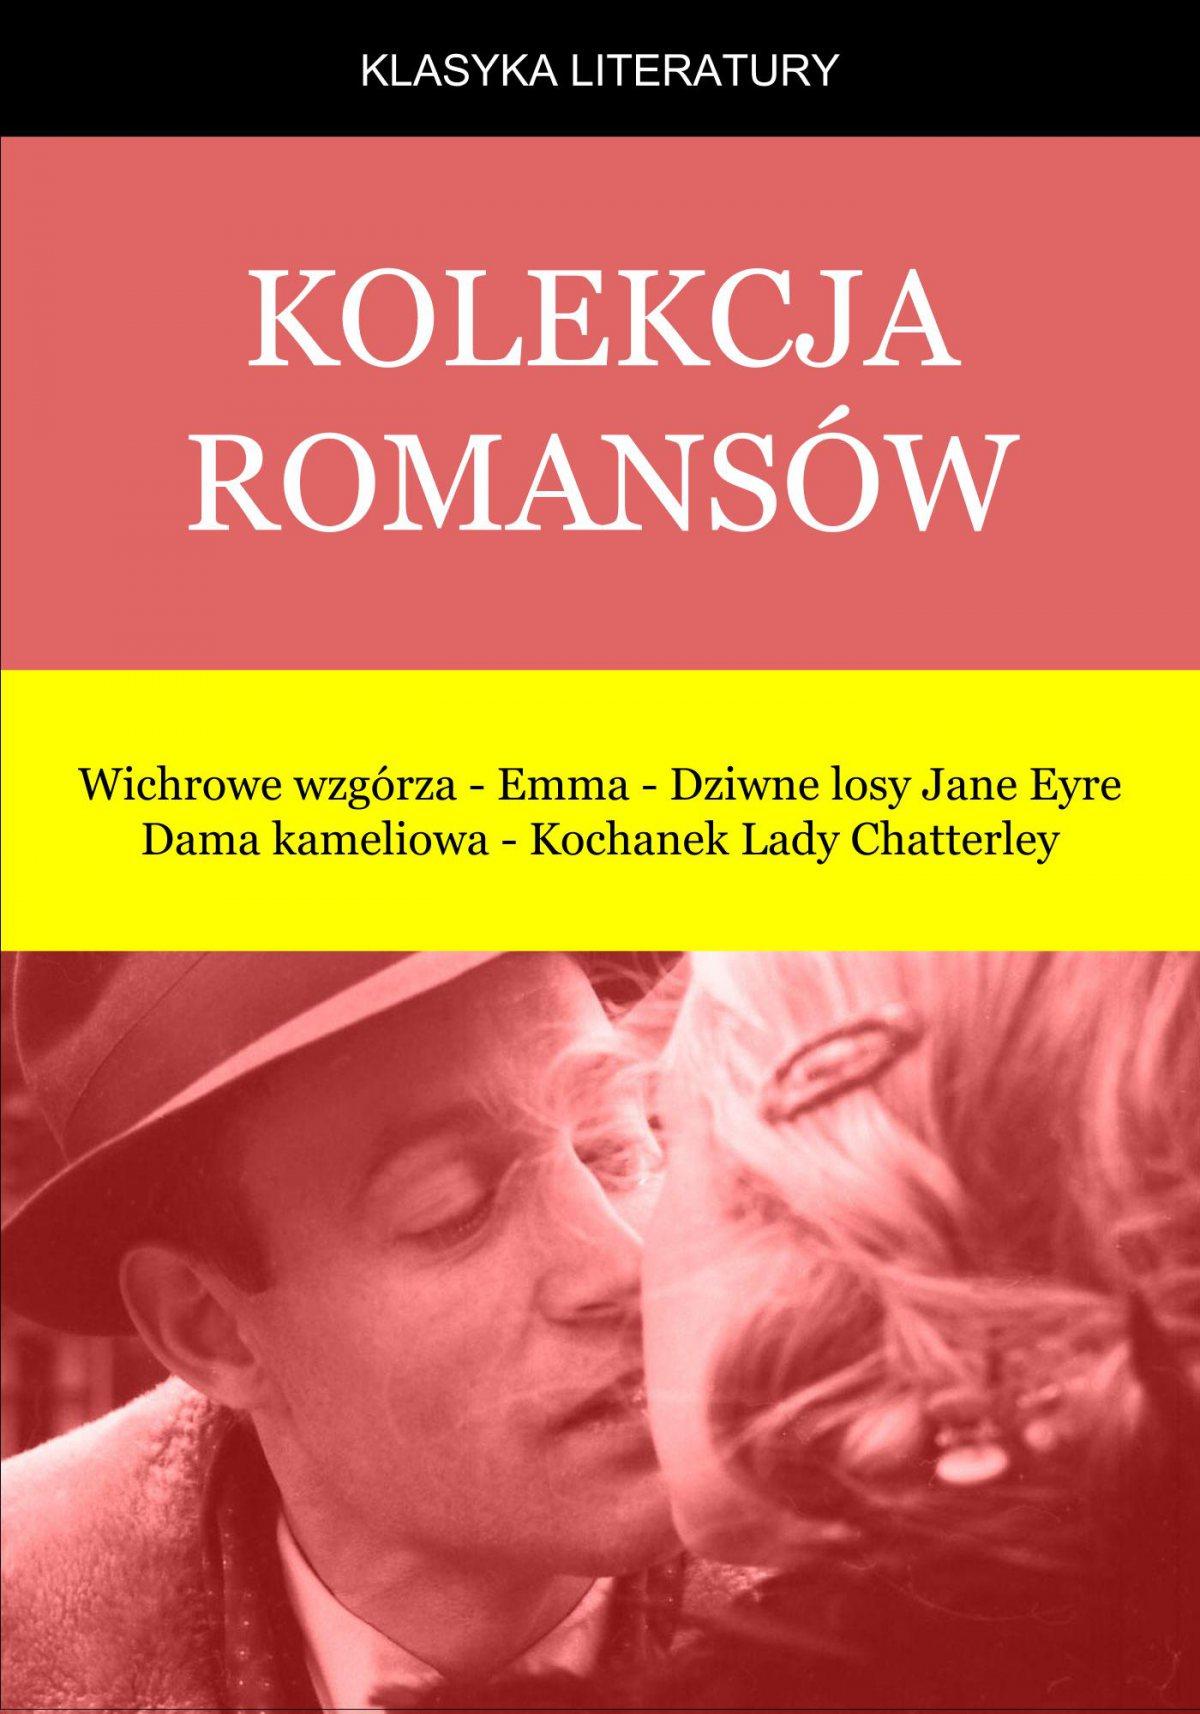 Kolekcja romansów - Ebook (Książka EPUB) do pobrania w formacie EPUB